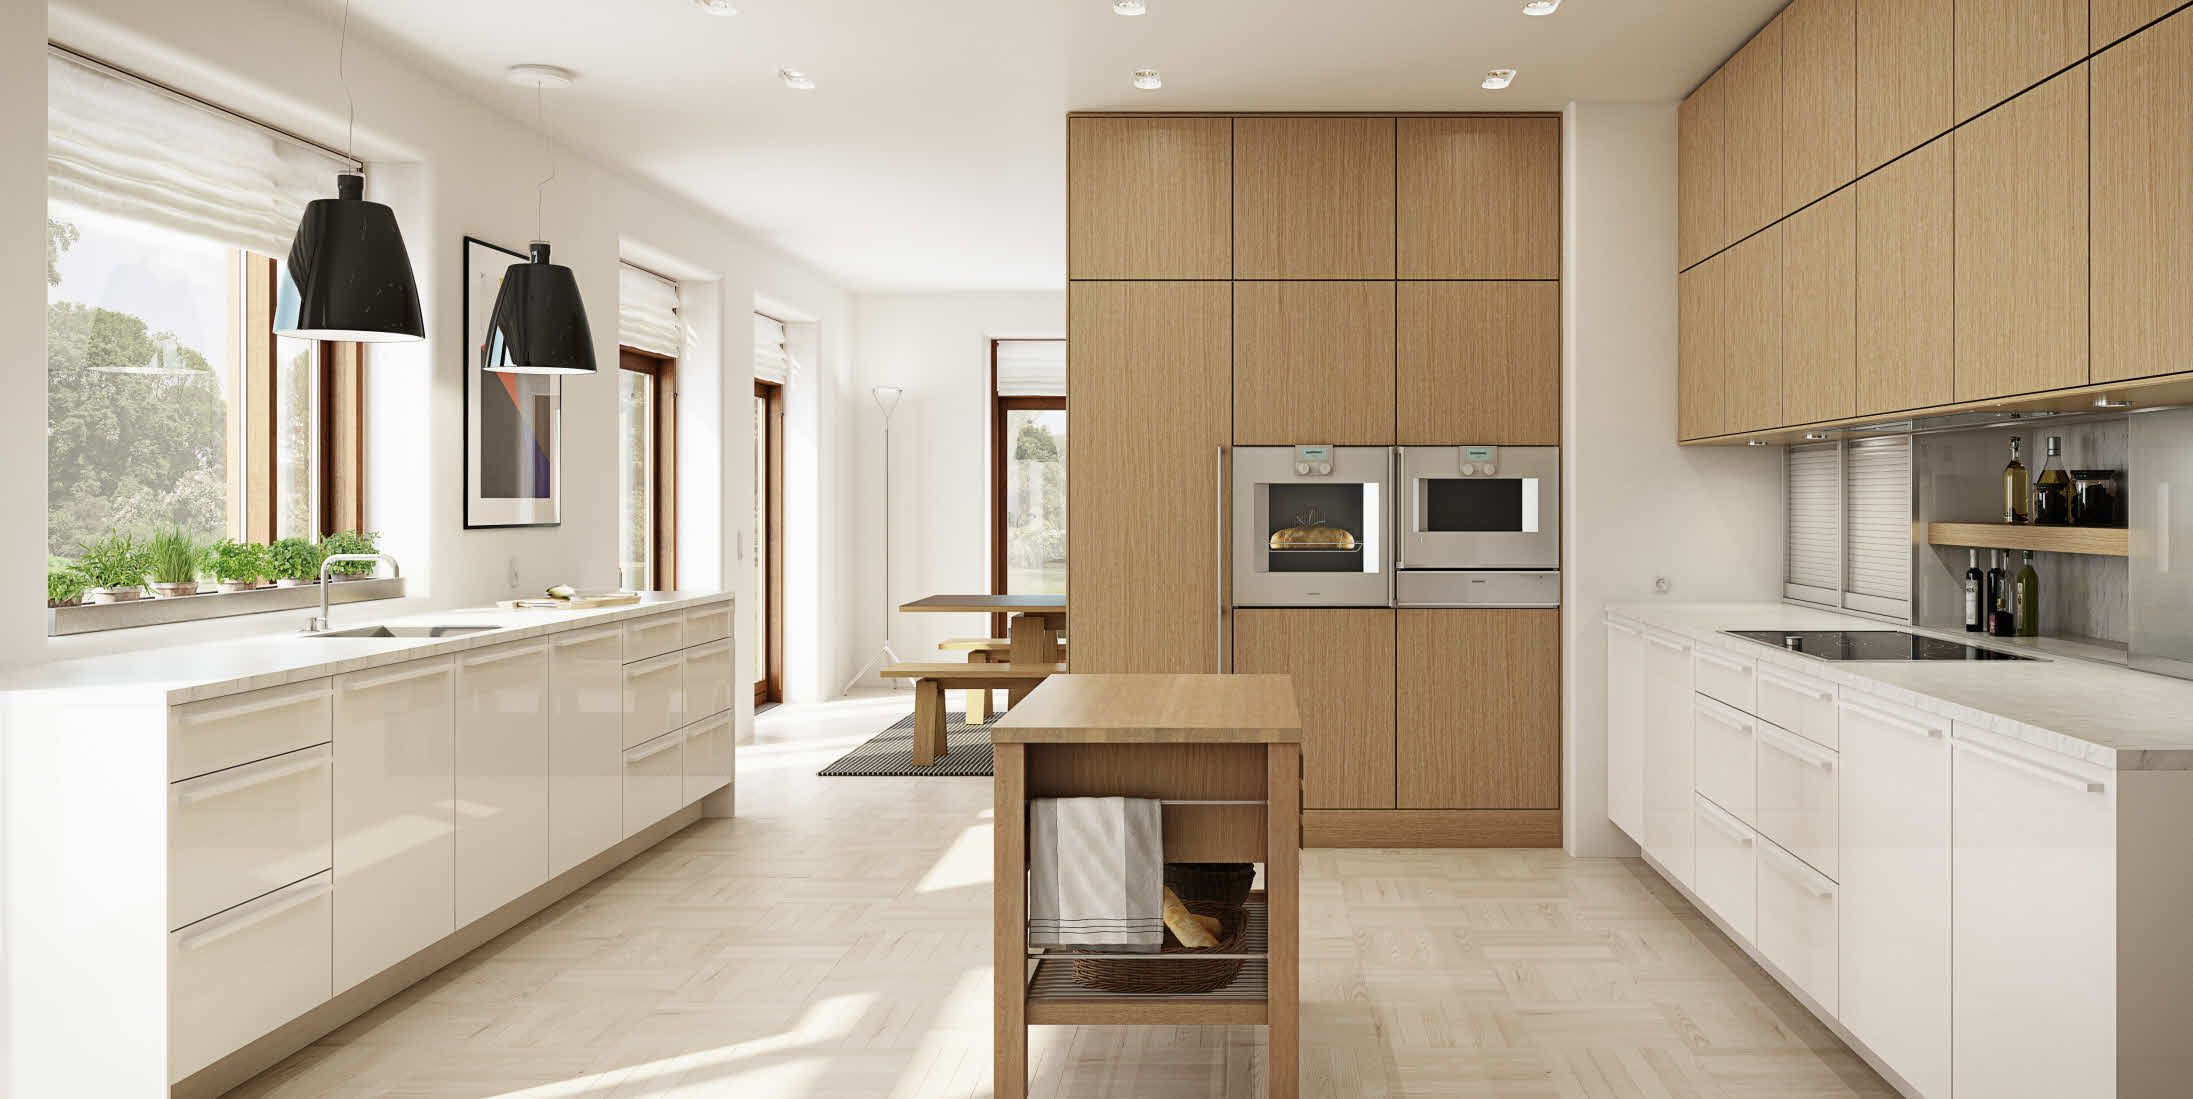 High quality kitchen from uno form's U-Range | Danish craftsman kitchen